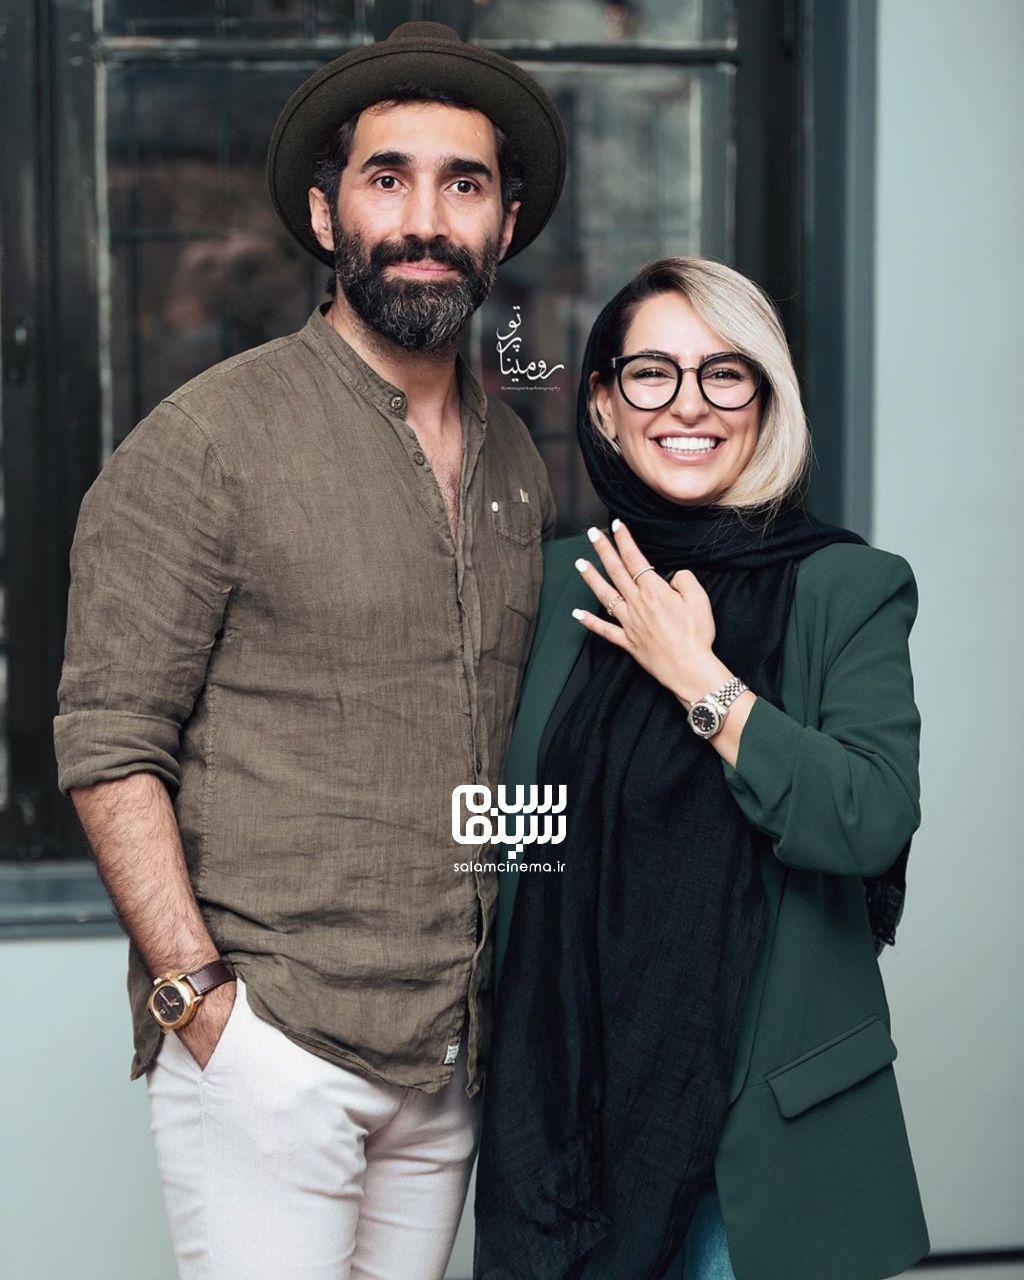 هادی کاظمی - سمانه پاکدل - افتتاحیه نمایشگاه عکس برزخ